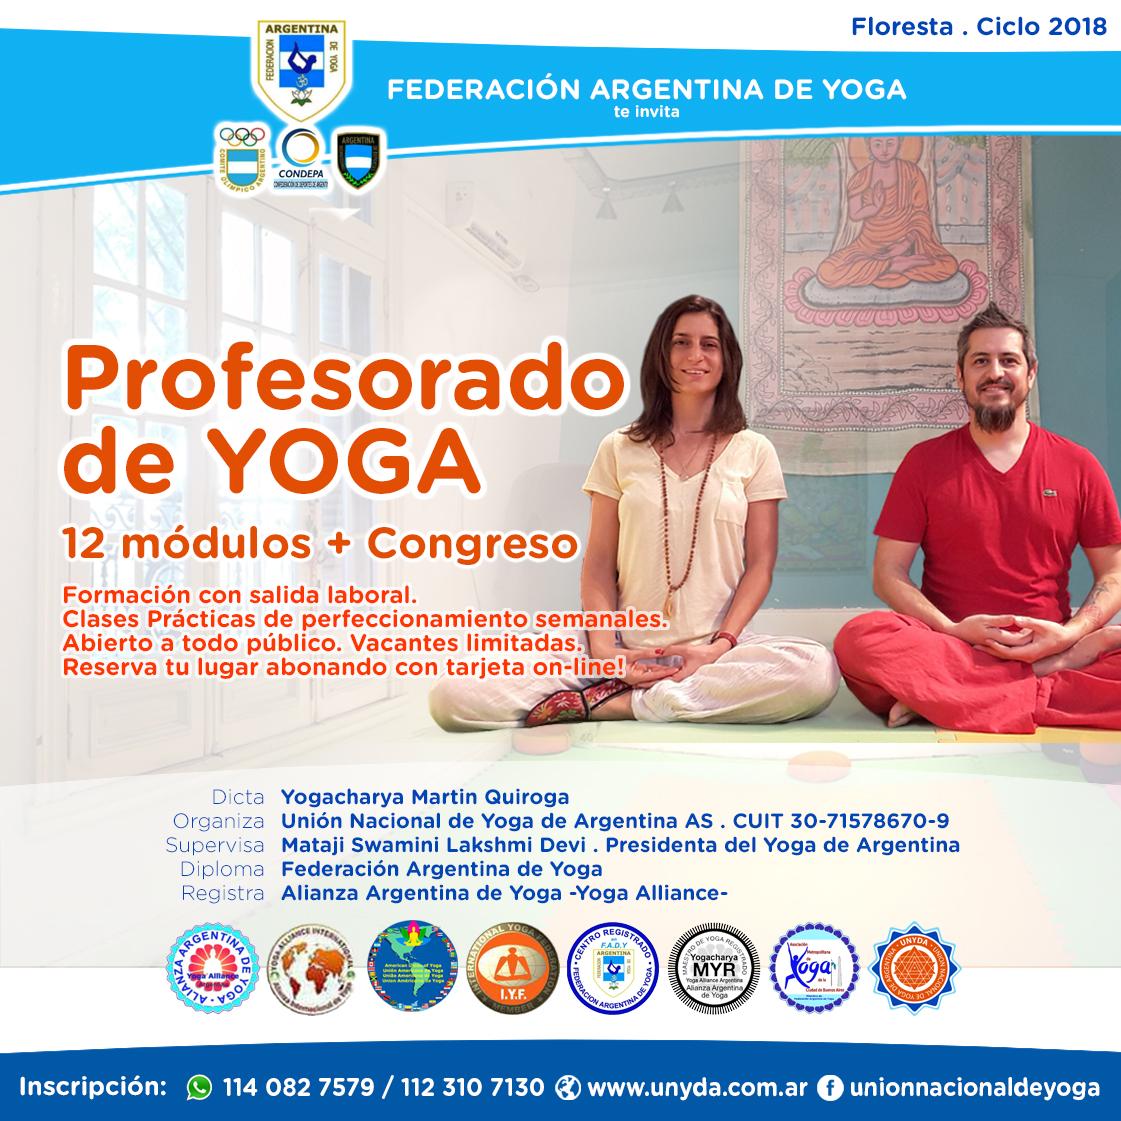 Profesorado de Yoga Integral en Floresta